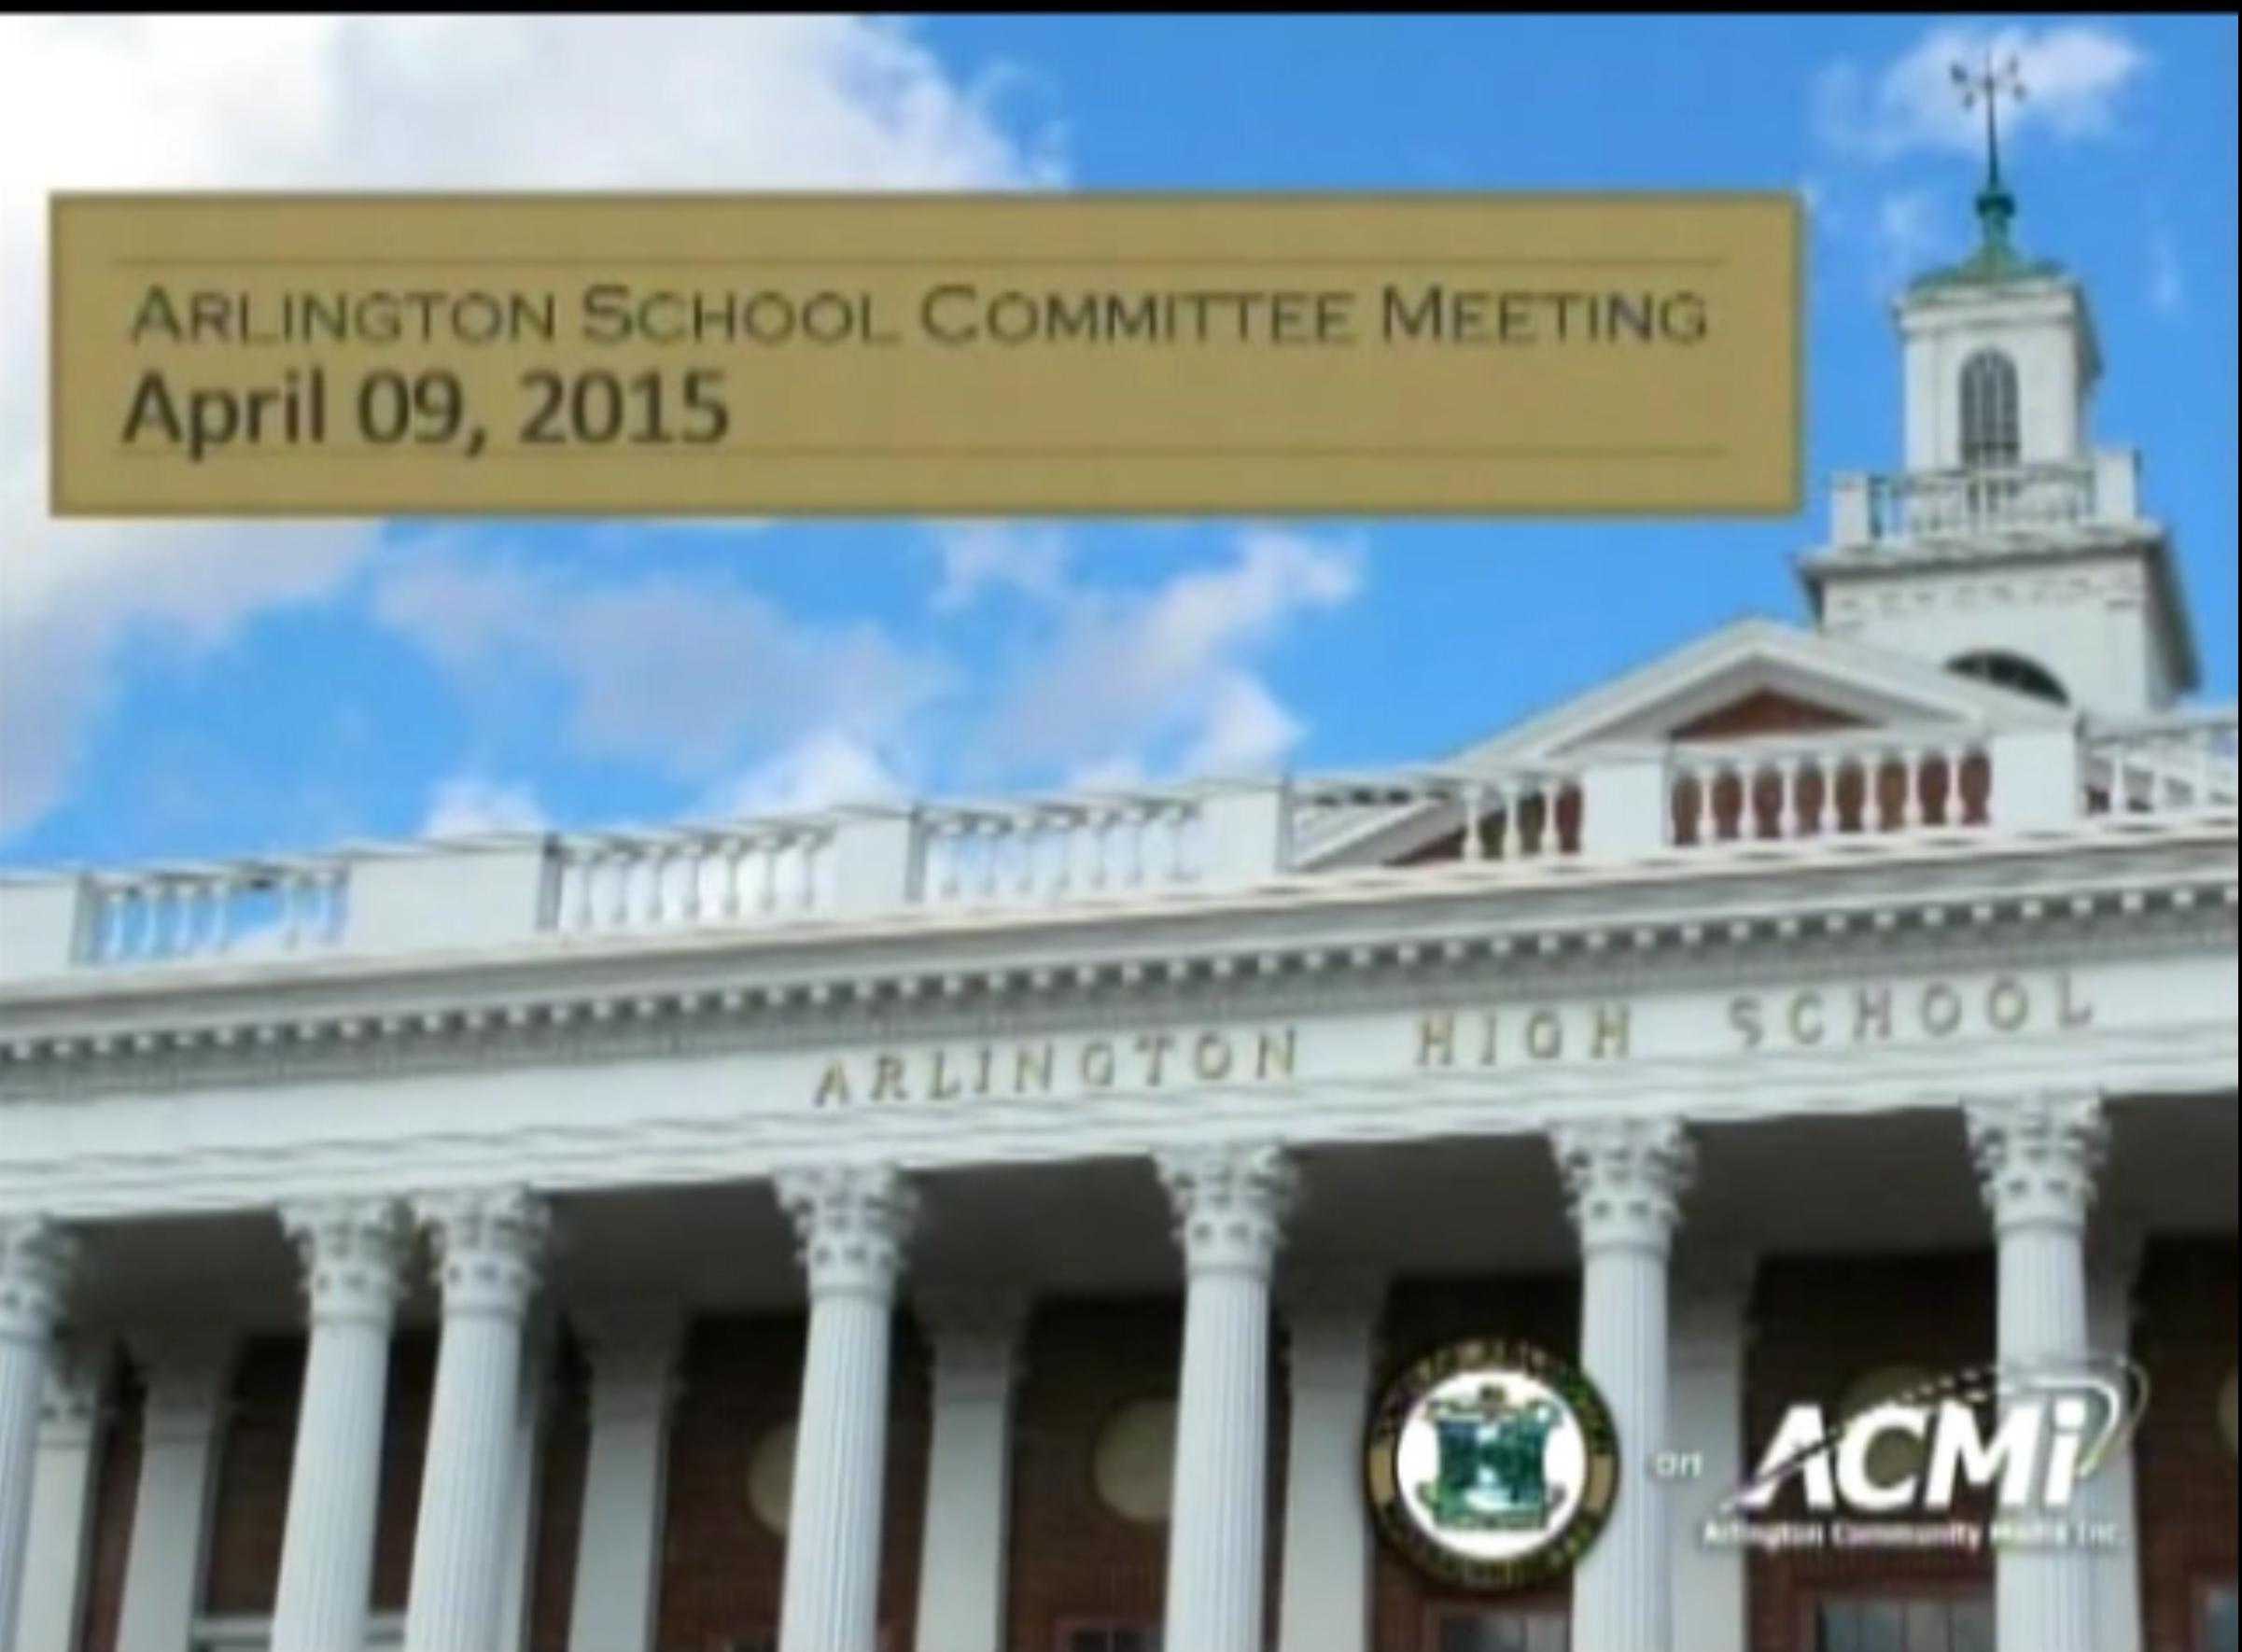 School Committee Meeting – April 09, 2015